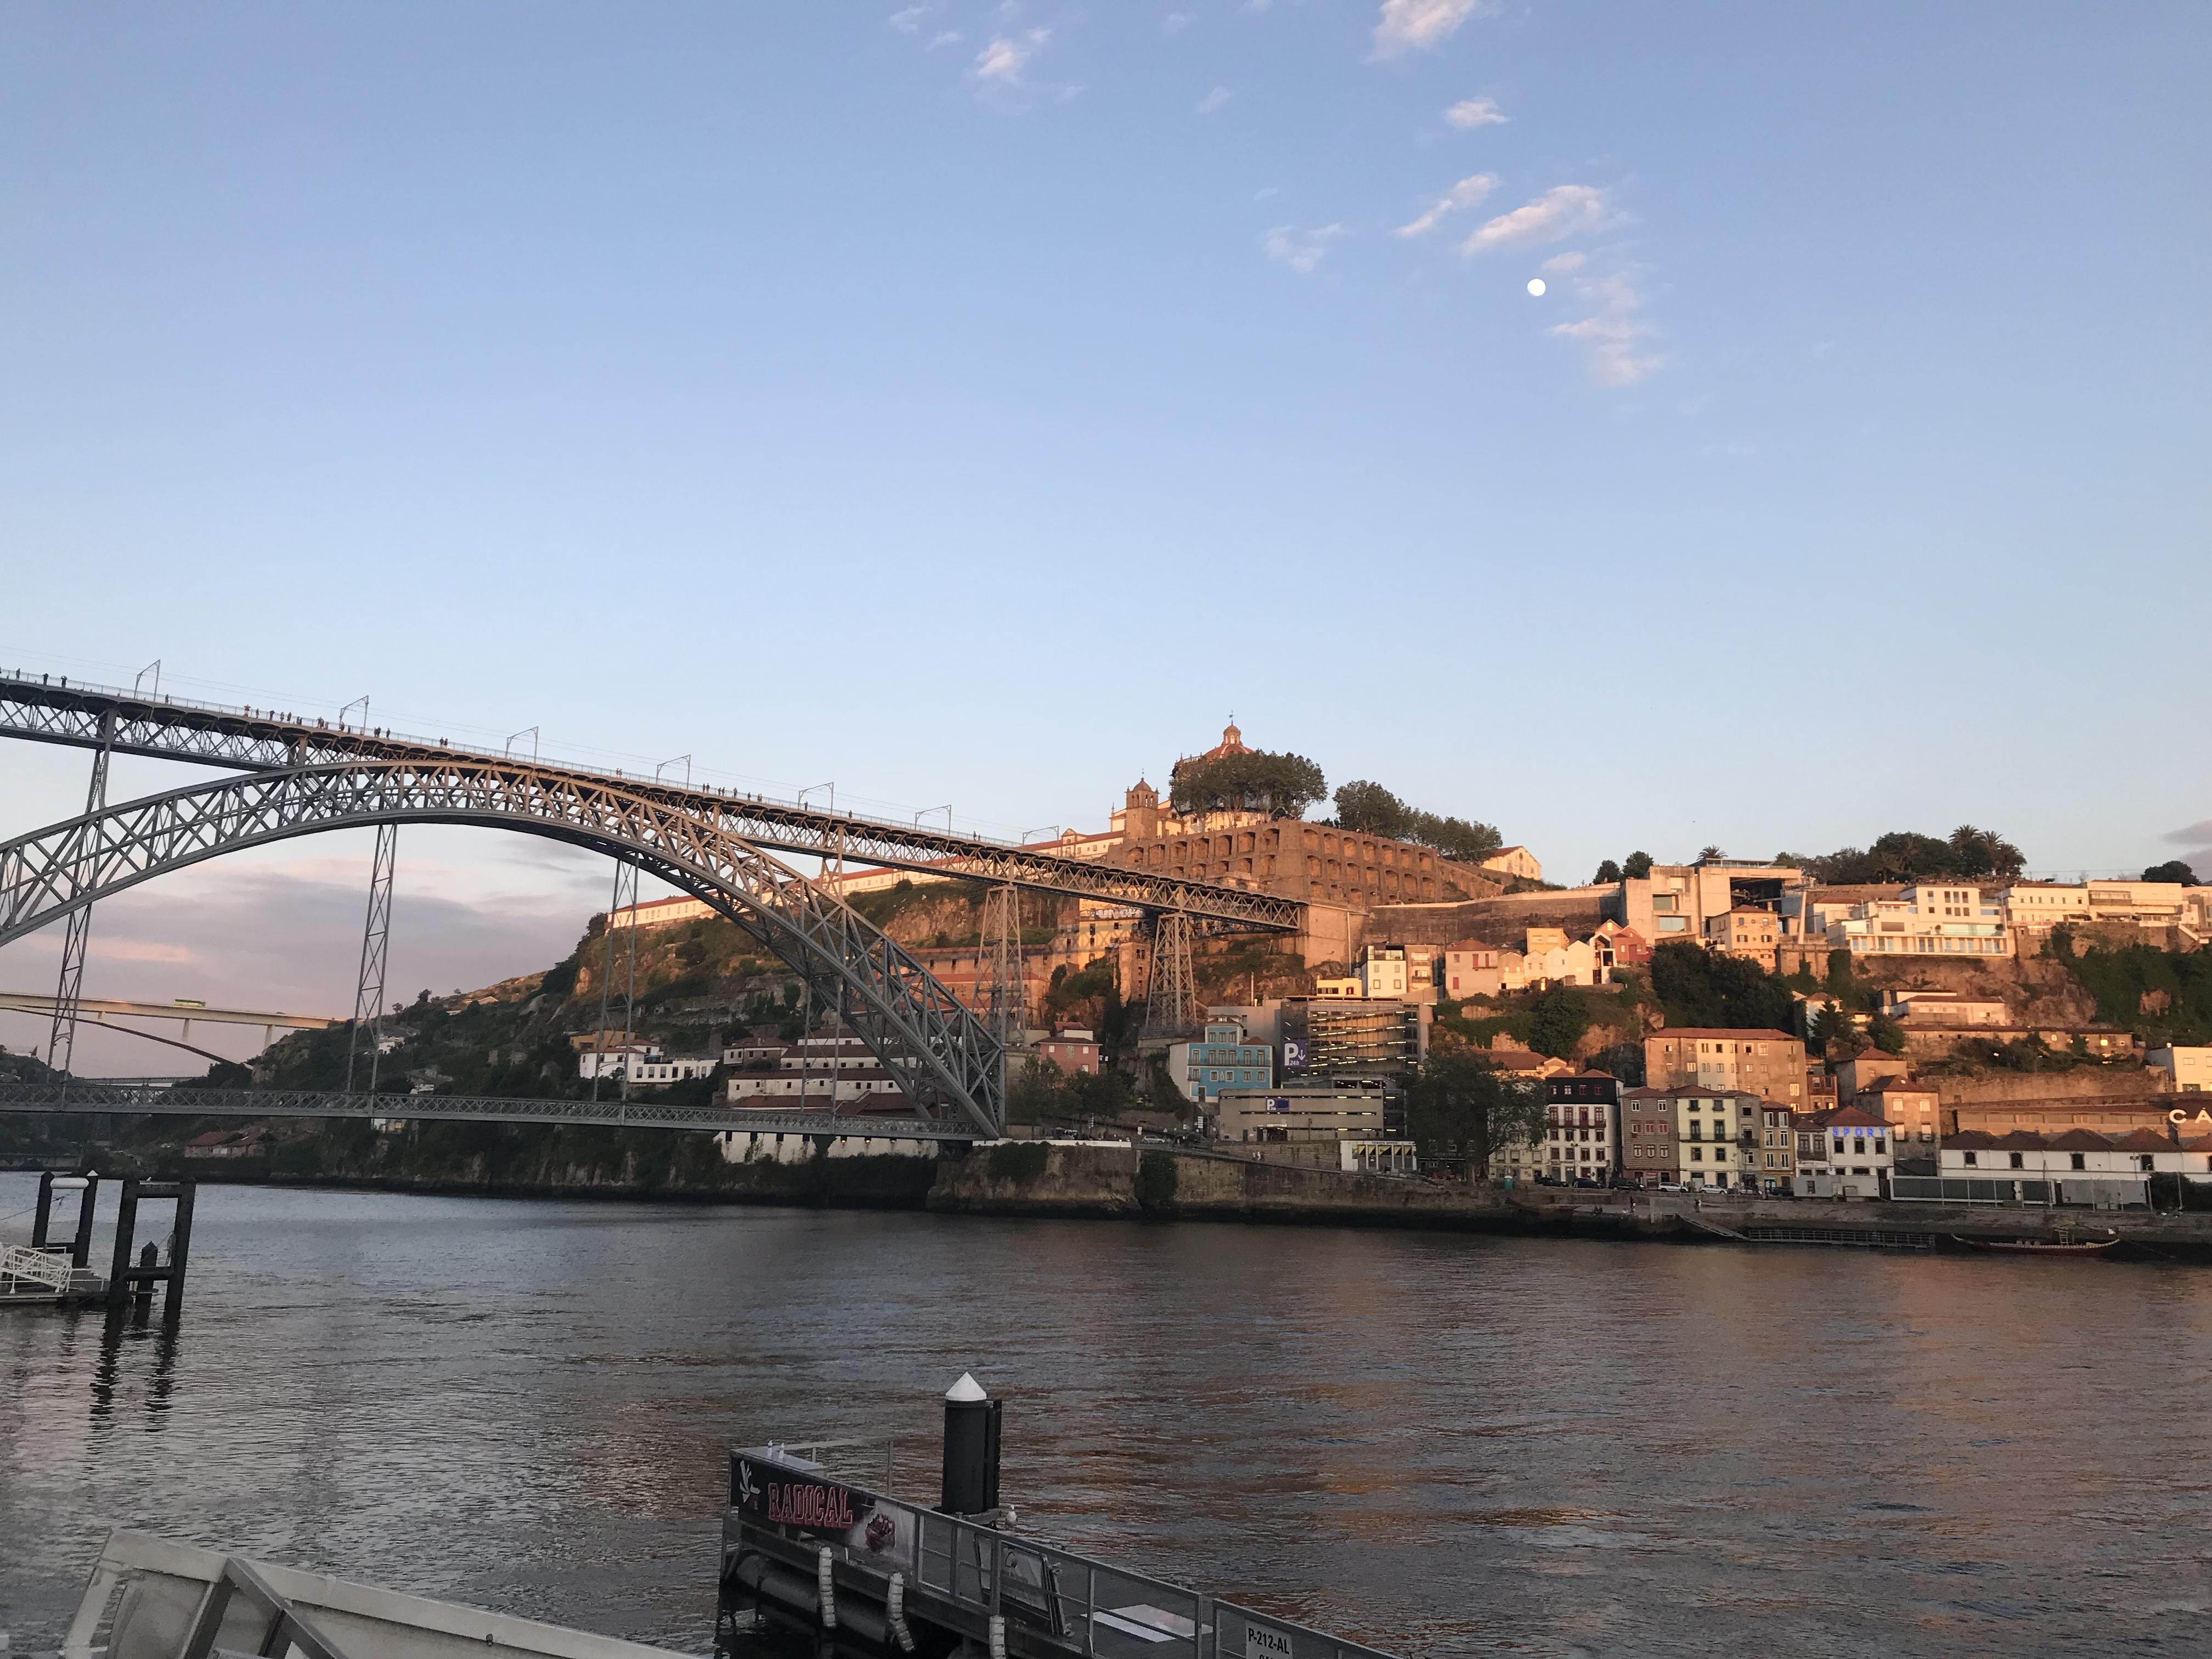 WanderustBee - Porto, Portugal